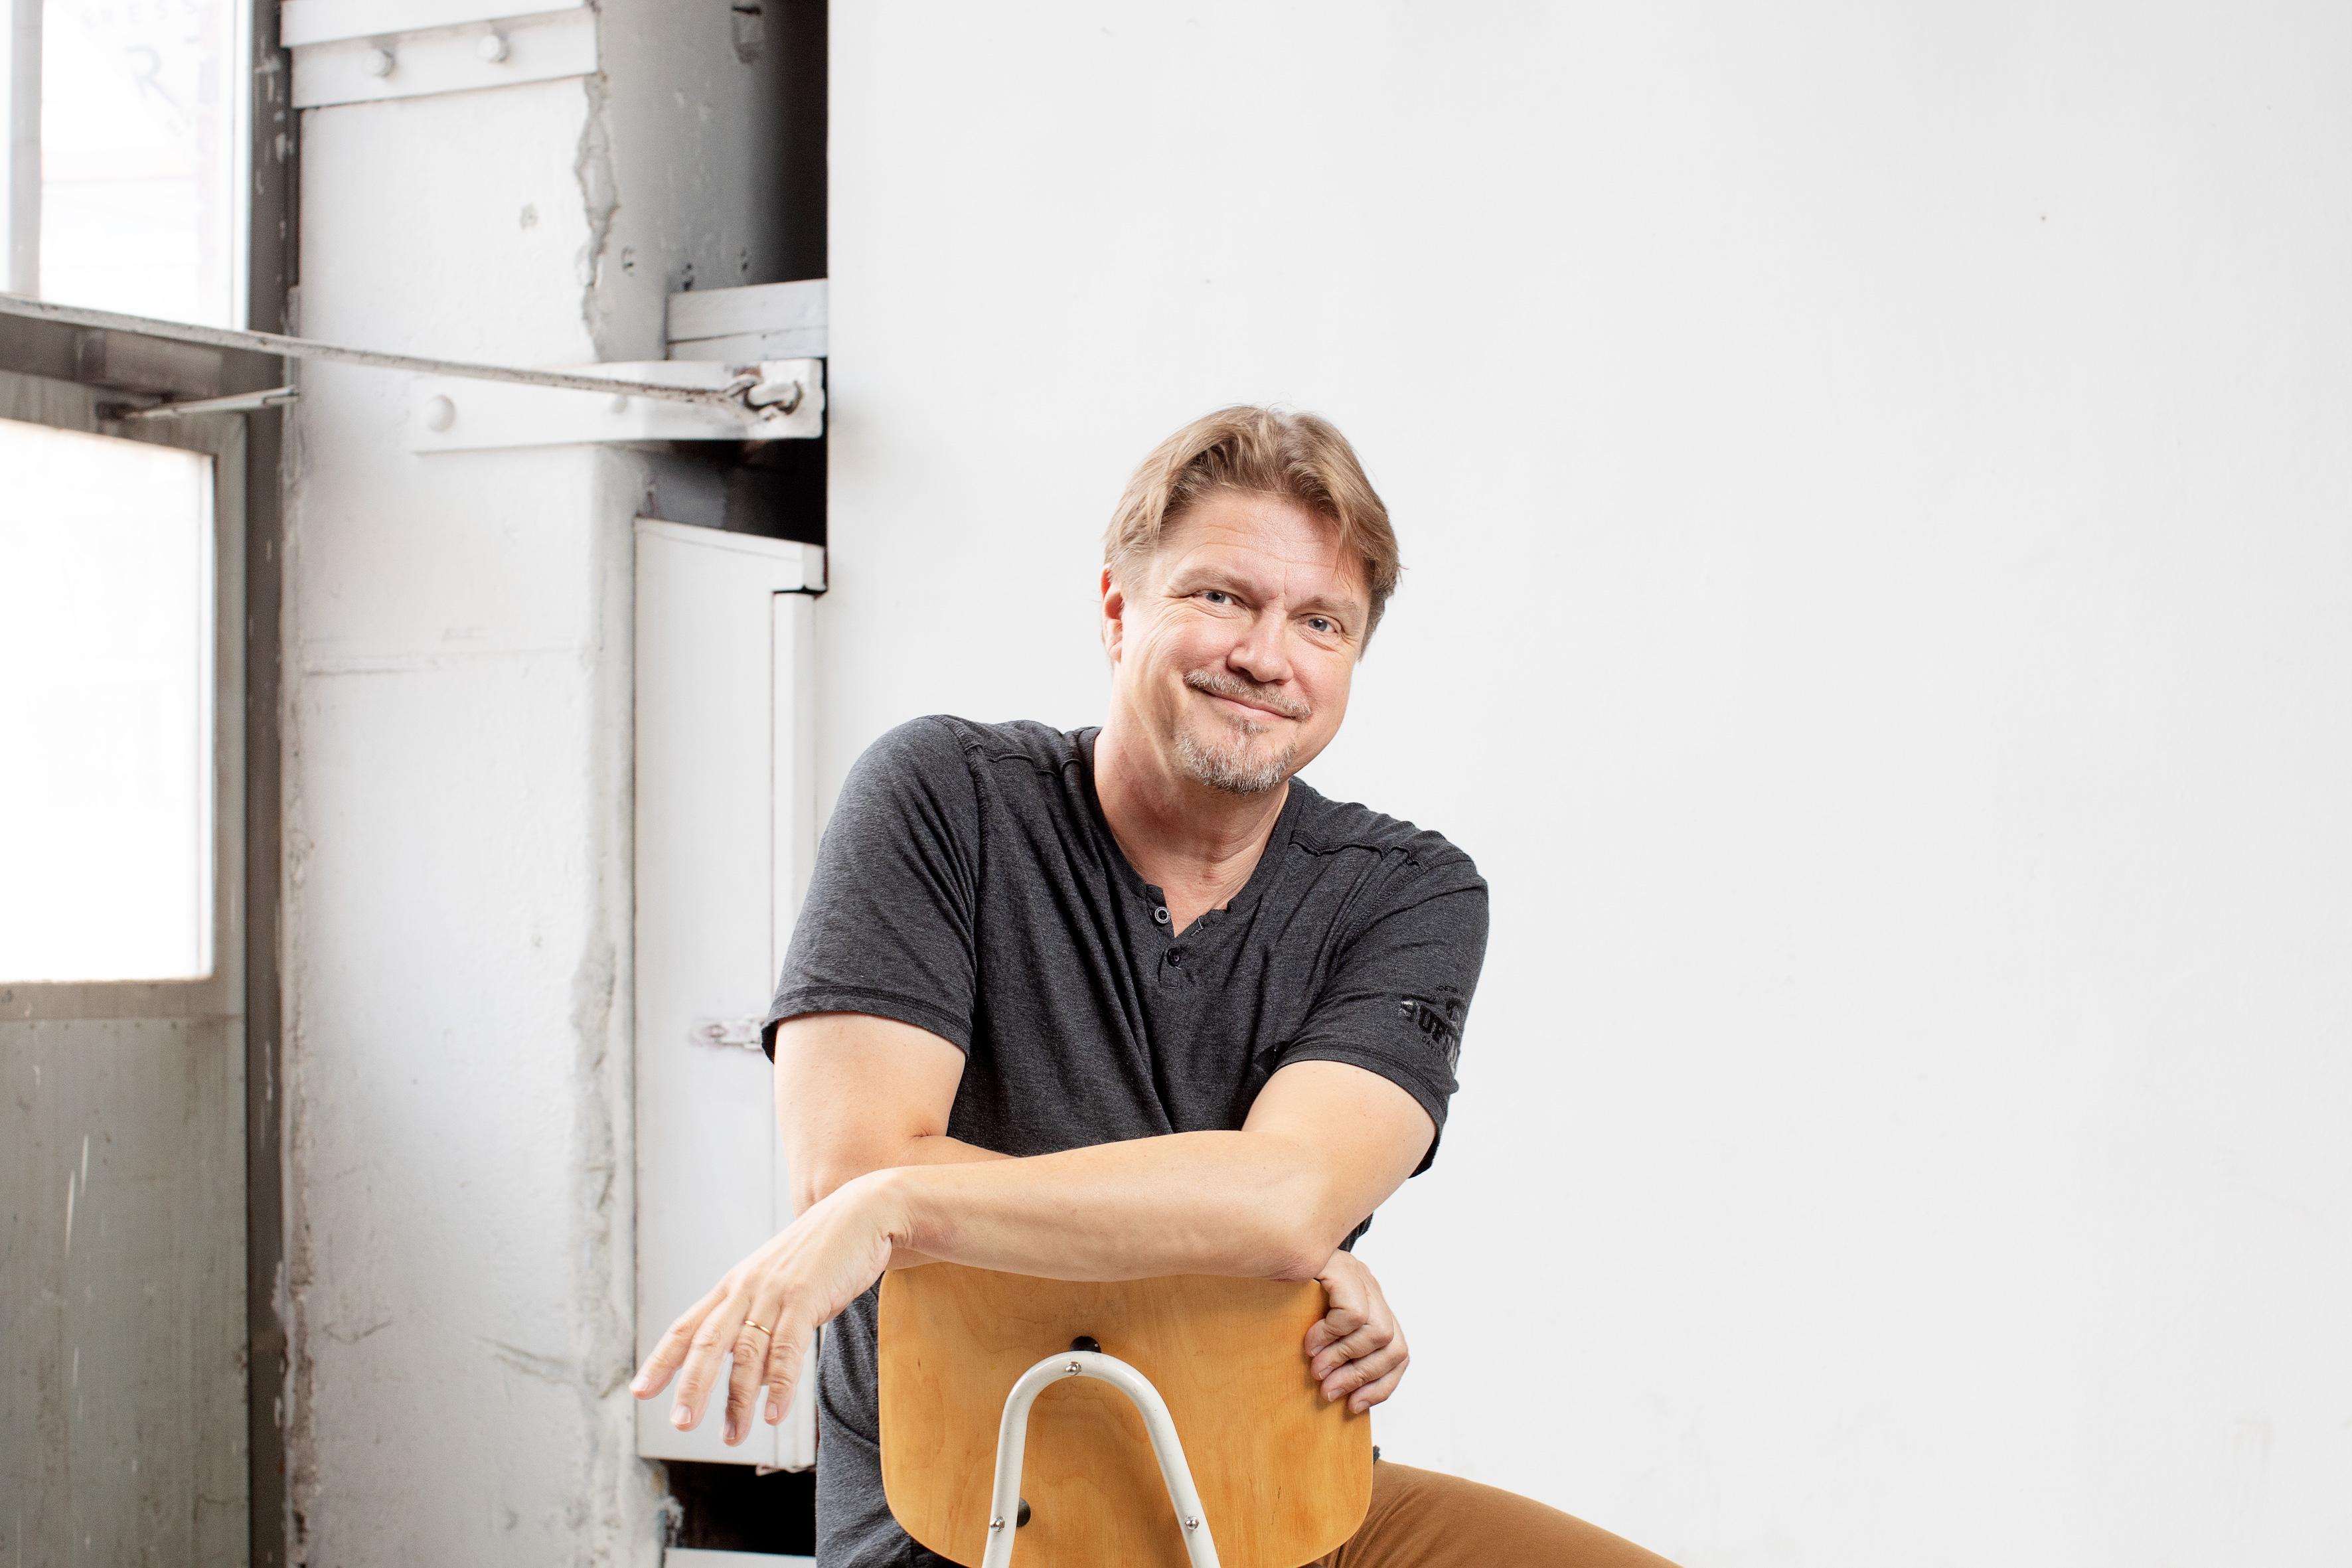 Kuvassa on kirjailija Timo Parvela, joka istuu tuolilla, katsoo kameraa kohti ja hymyilee. Vaalea seinä taustalla.